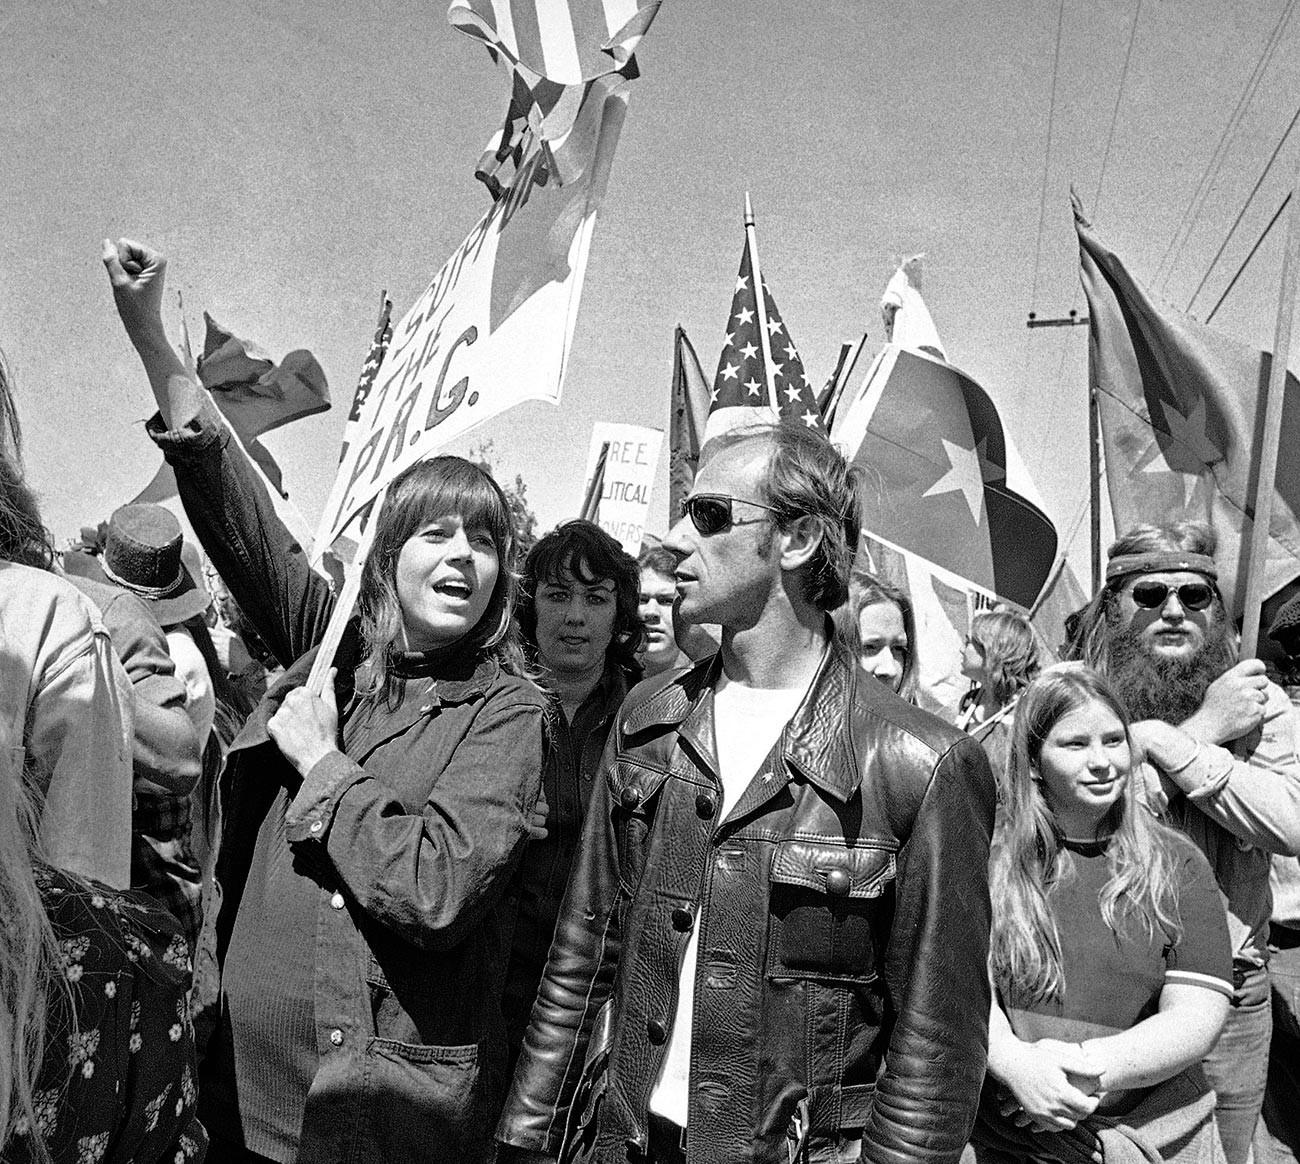 La actriz Jane Fonda en una manifestación contra de la guerra y contra la visita del presidente de Vietnam del Sur, Nguyen Van Thieu. San Clemente, California, 2 de abril de 1973.